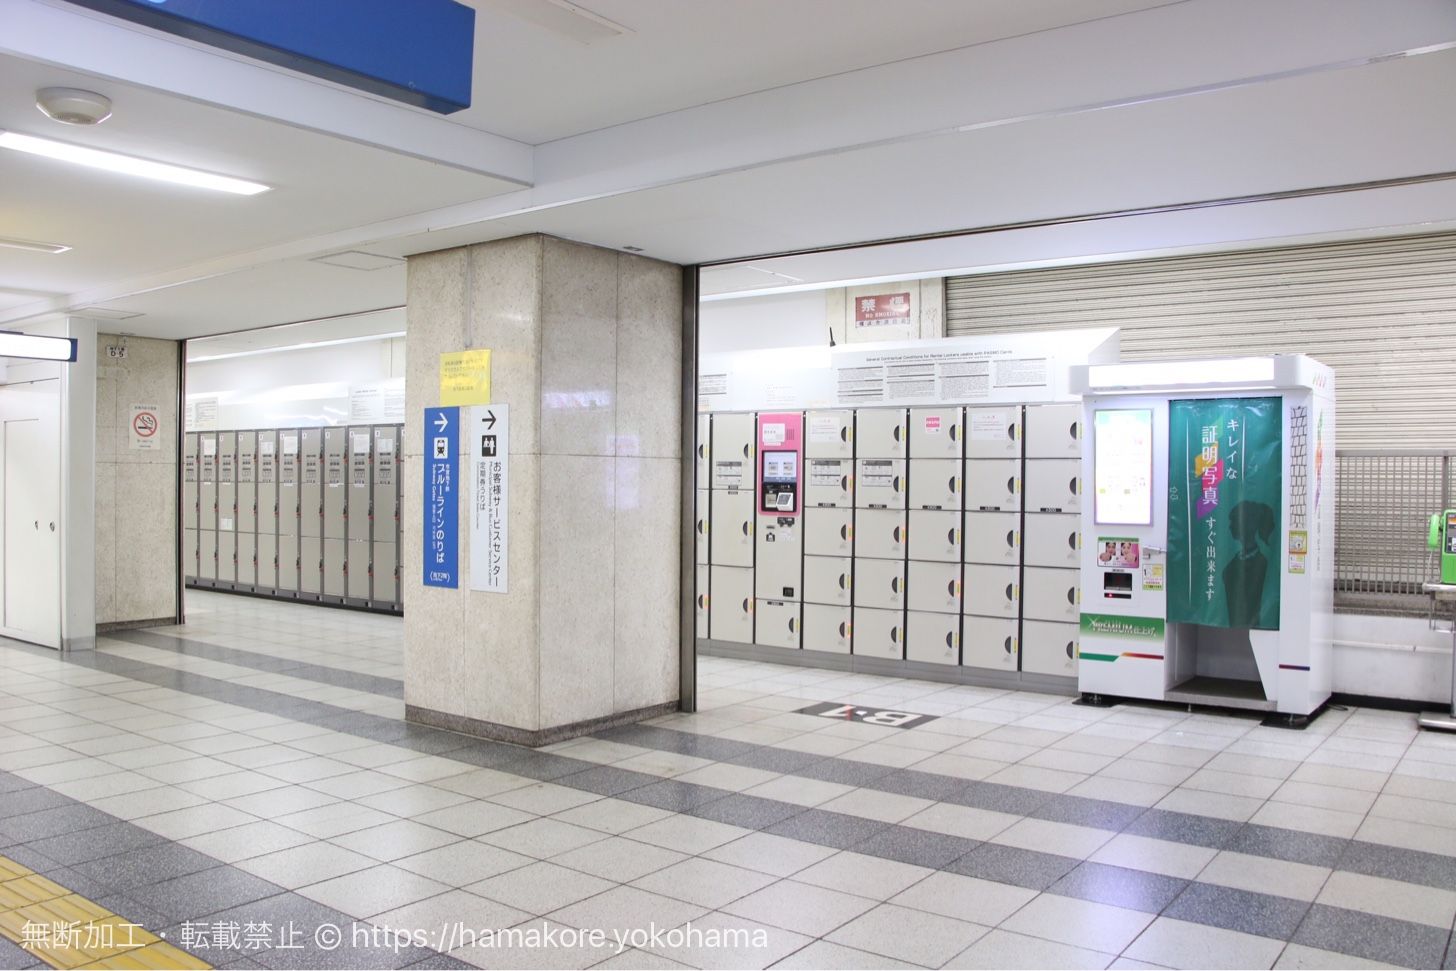 地下鉄ユーザにオススメのコインロッカー